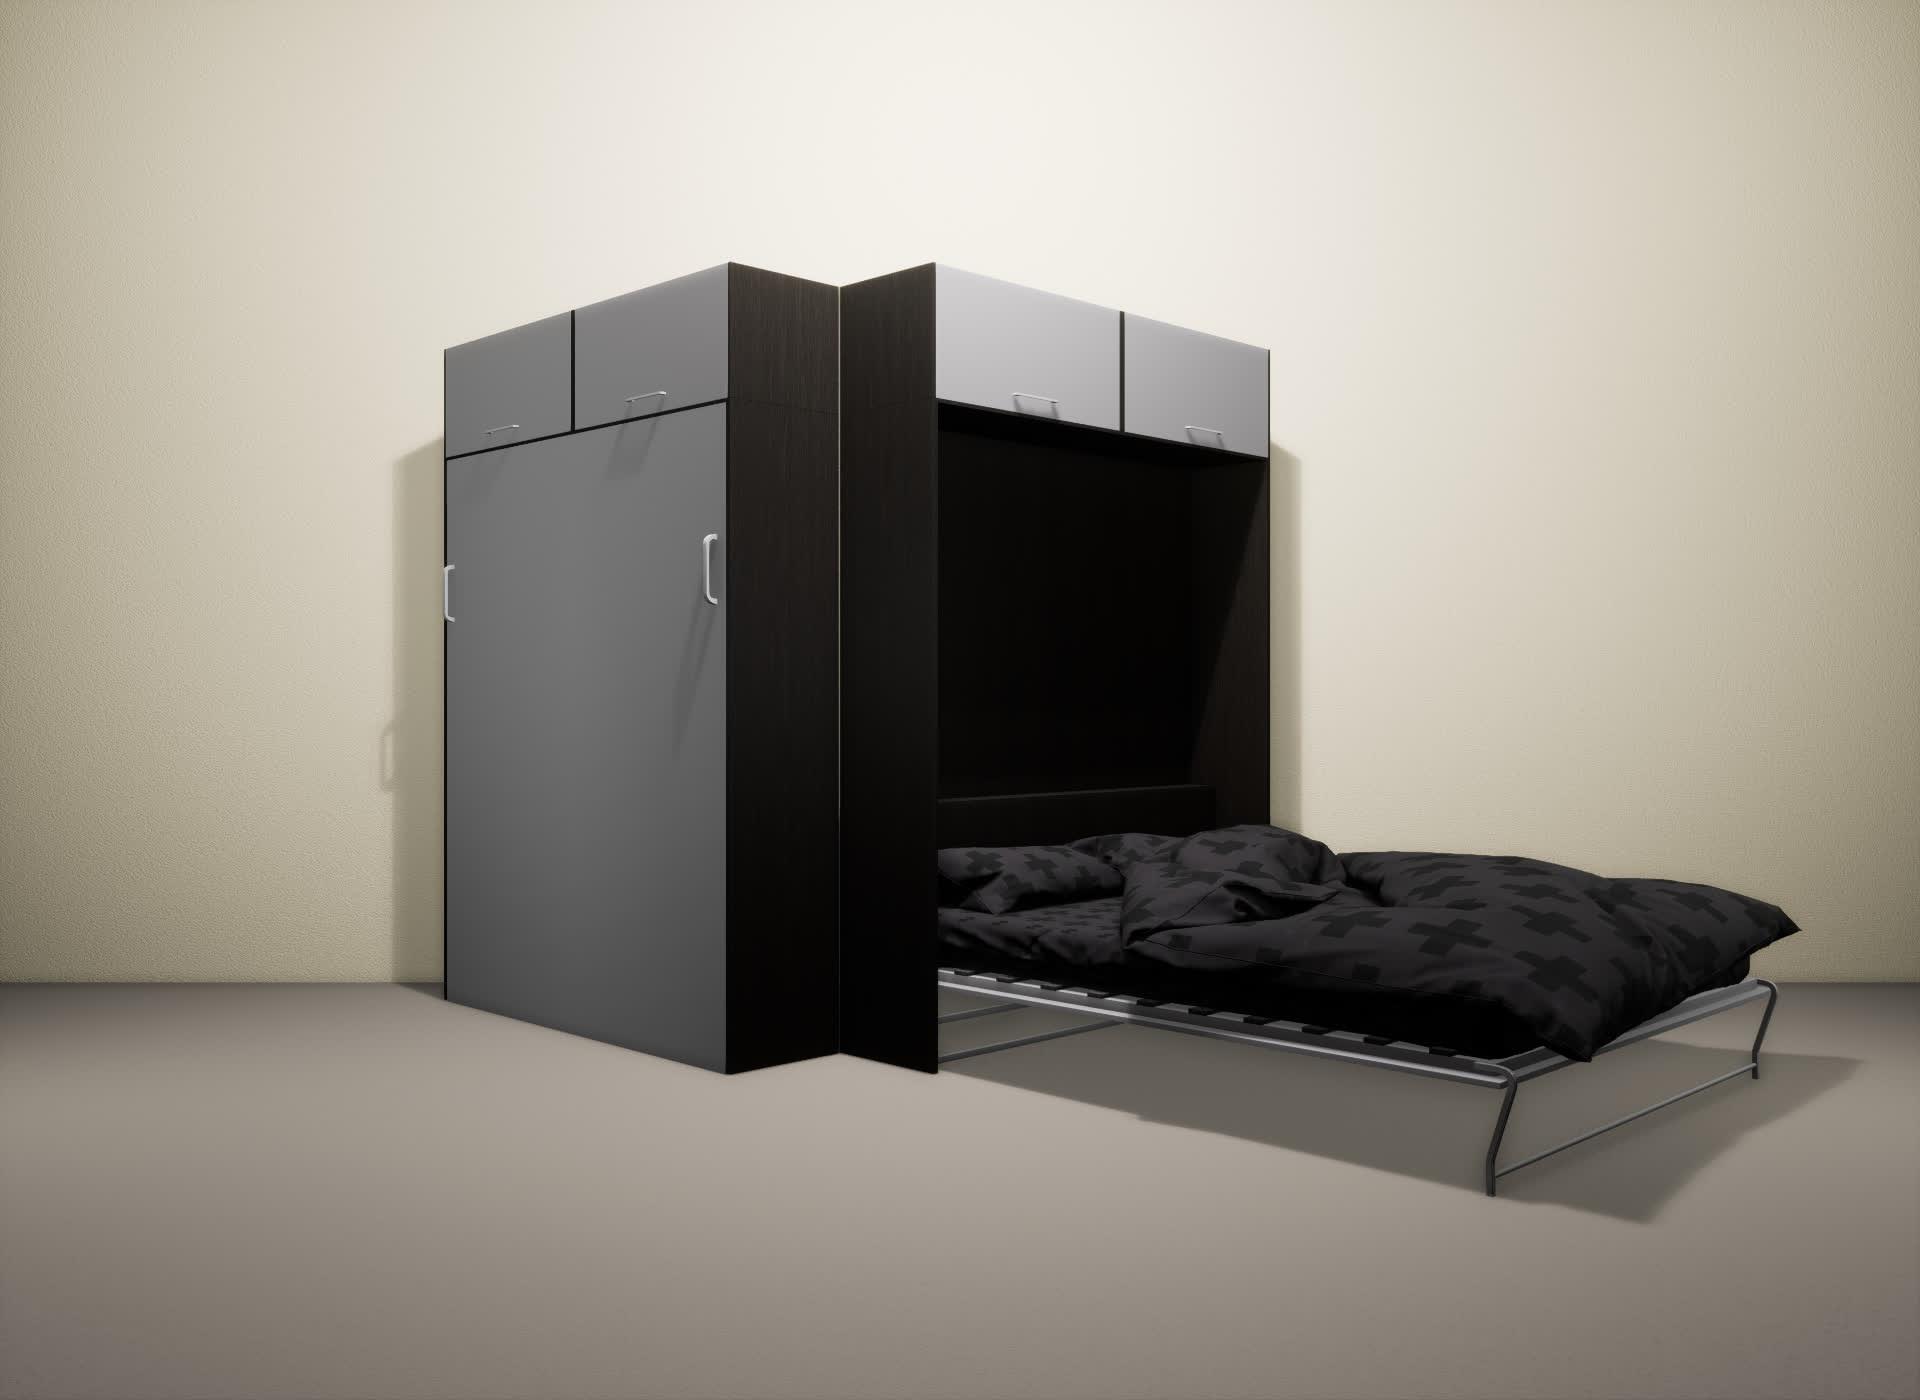 Шкаф-кровать SMART HOME Альфа венге/серый